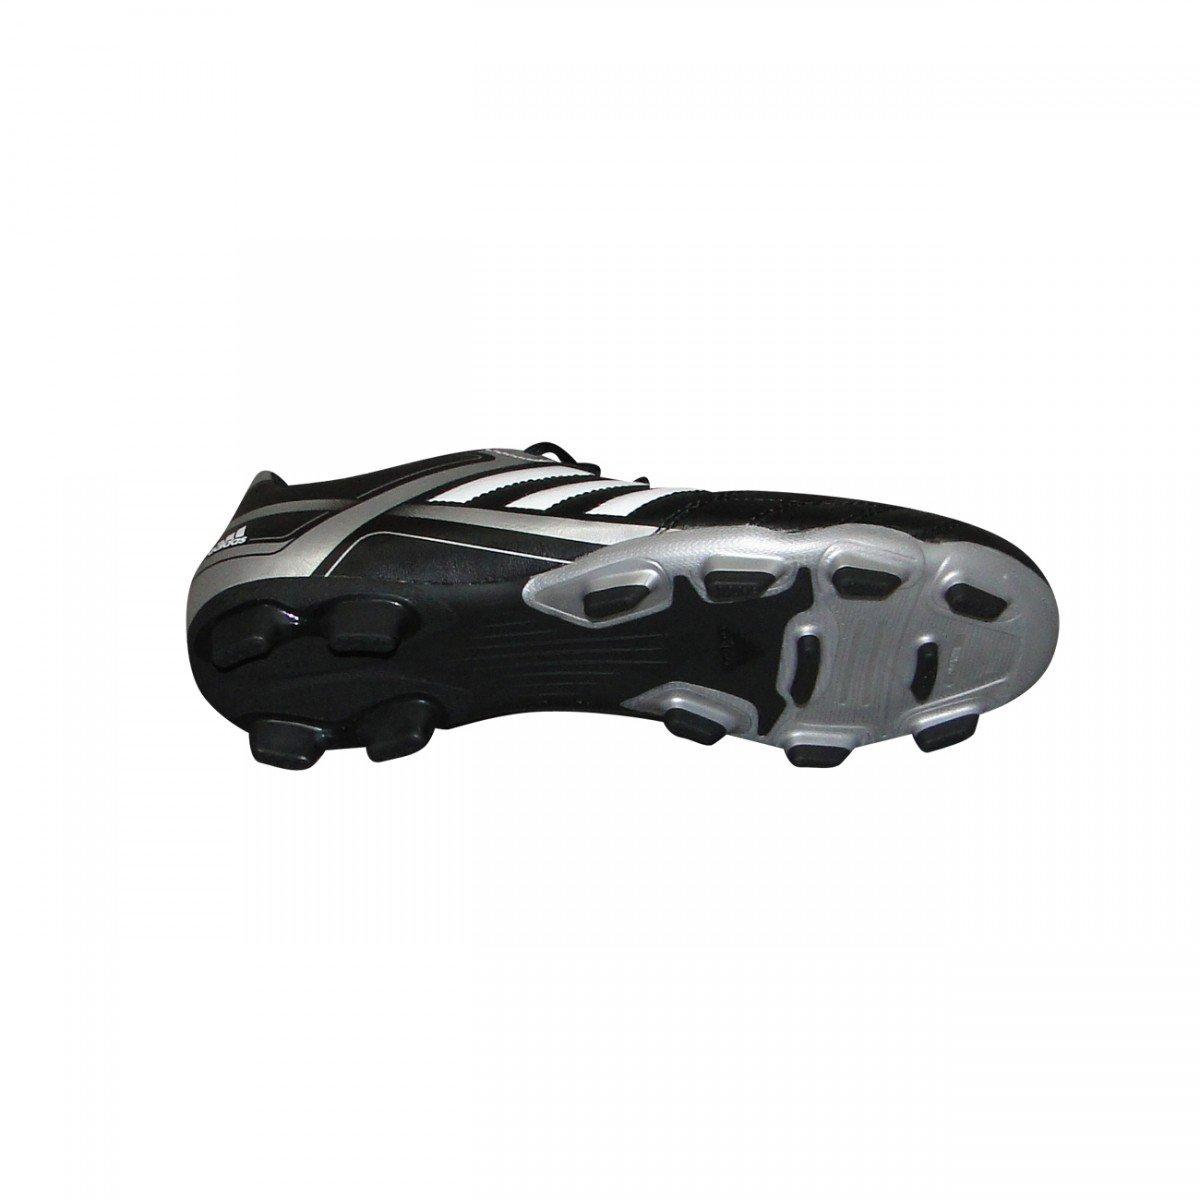 Chuteira Adidas Puntero Infantil - Compre Agora  632b5c54f198e